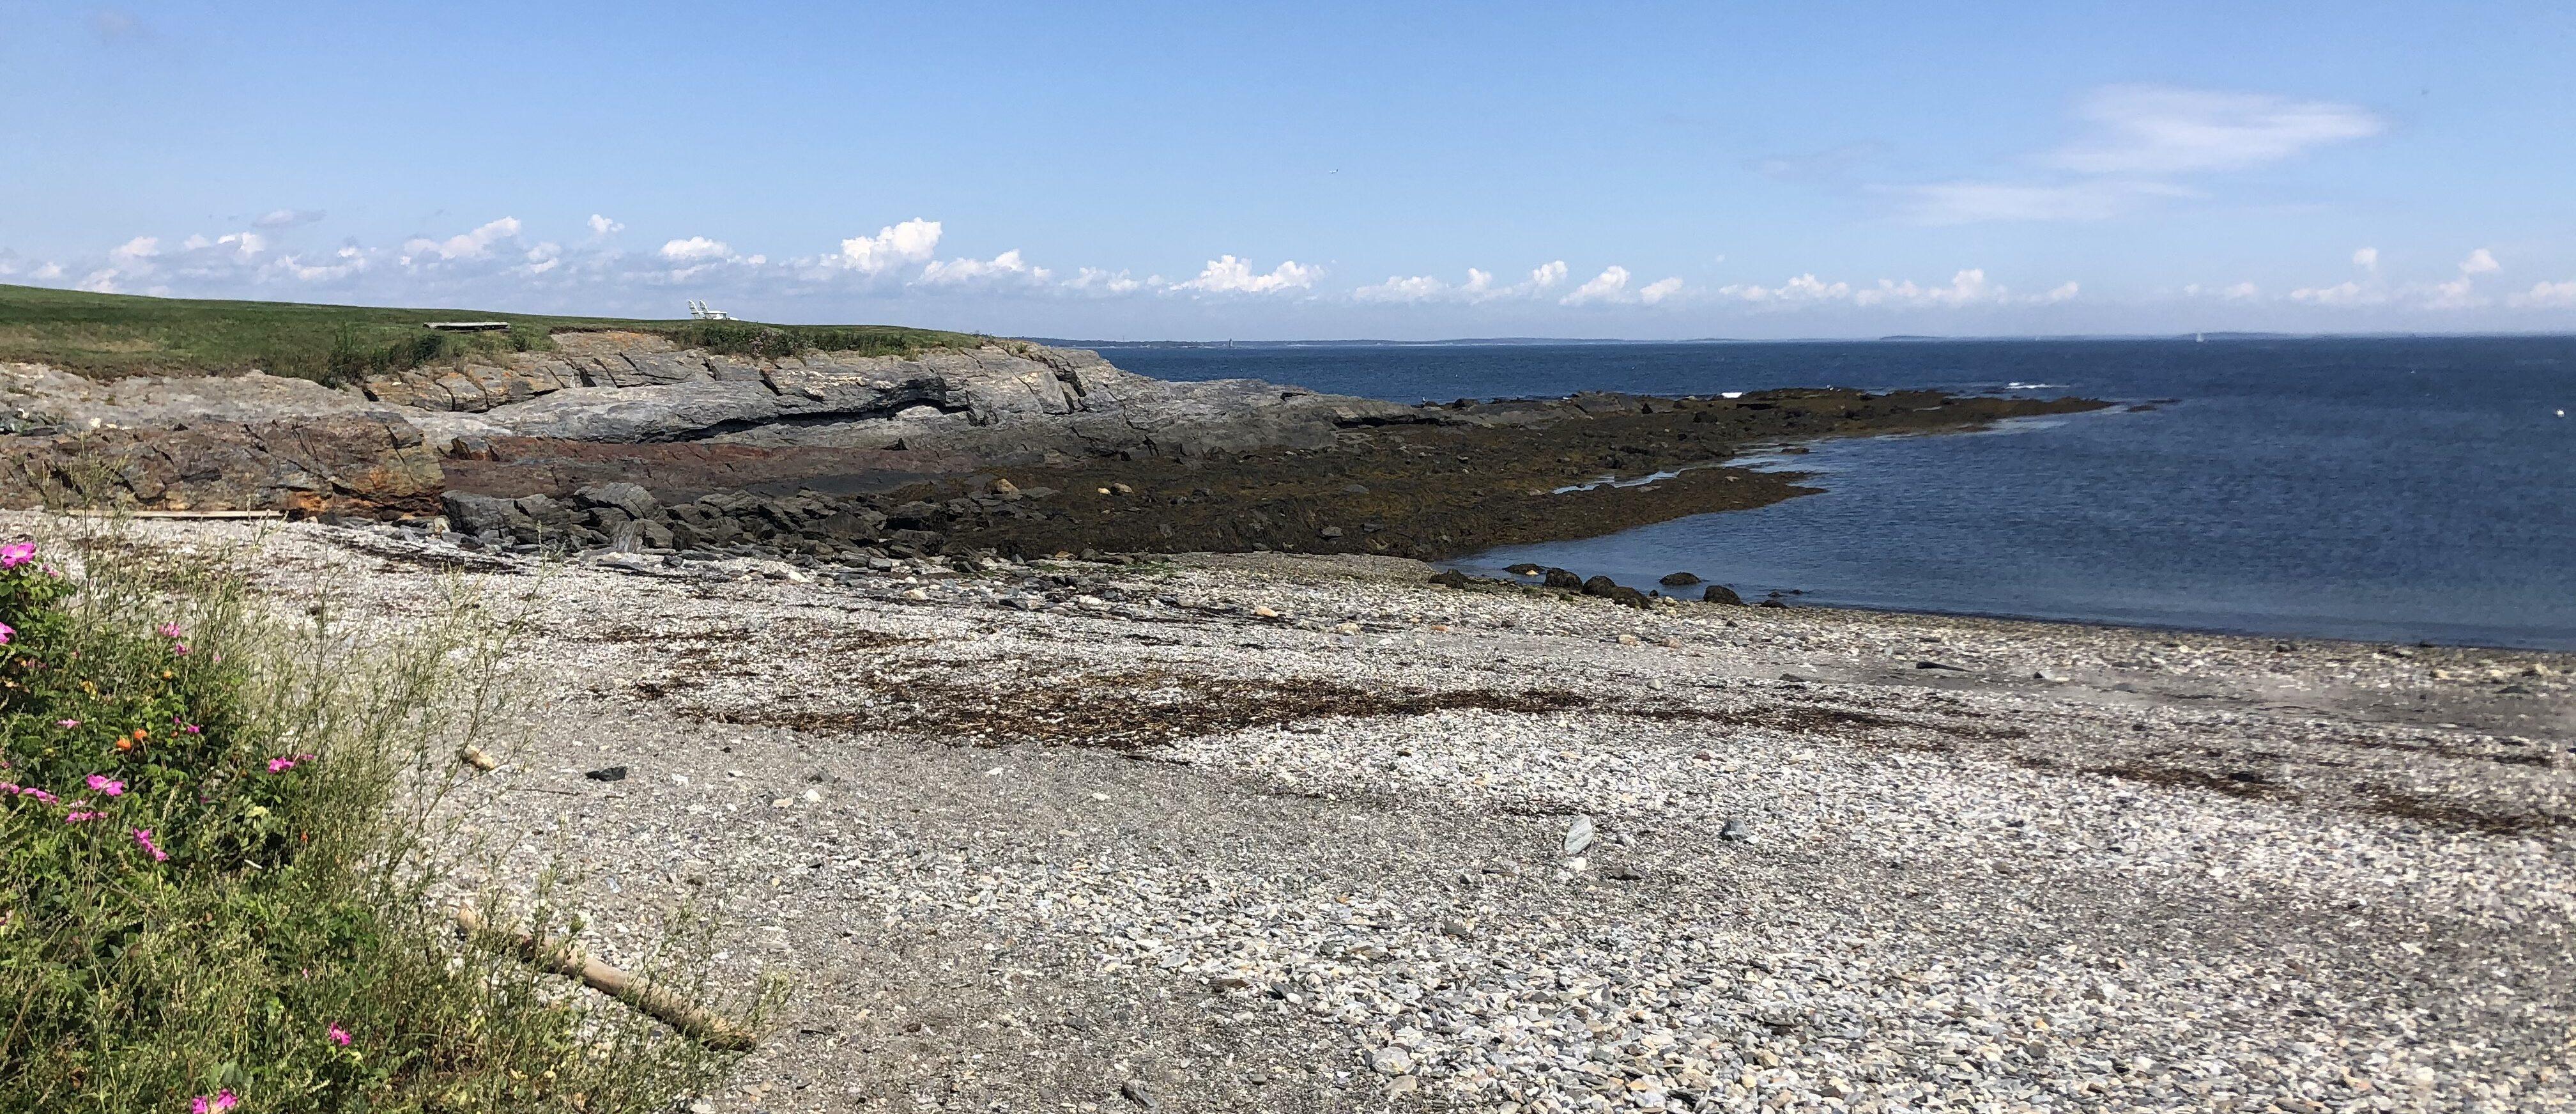 Trundy Point